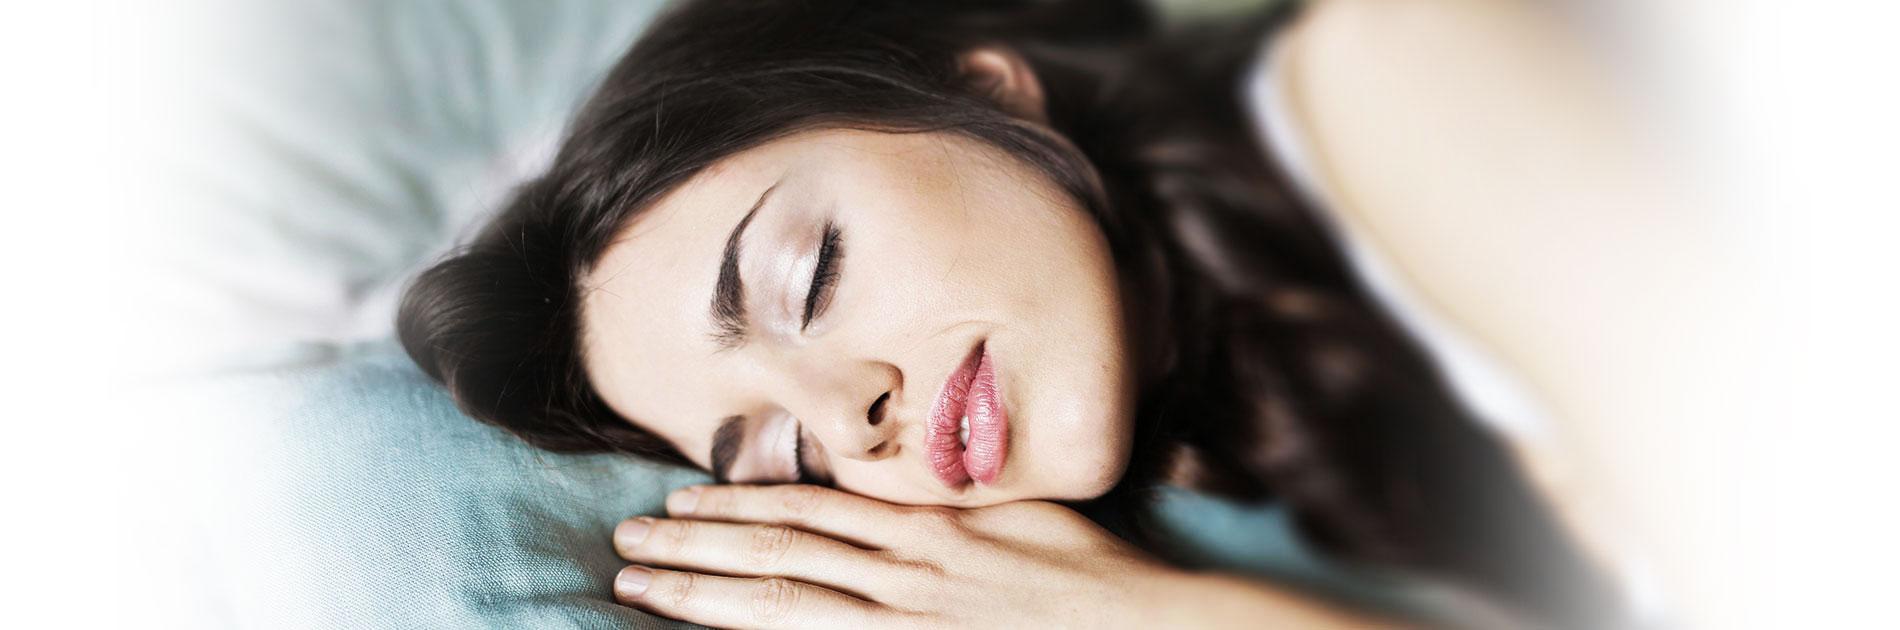 Nur auf der für Sie richtigen Matratze schlafen Sie gut, bleiben fit und leistungsfähig.